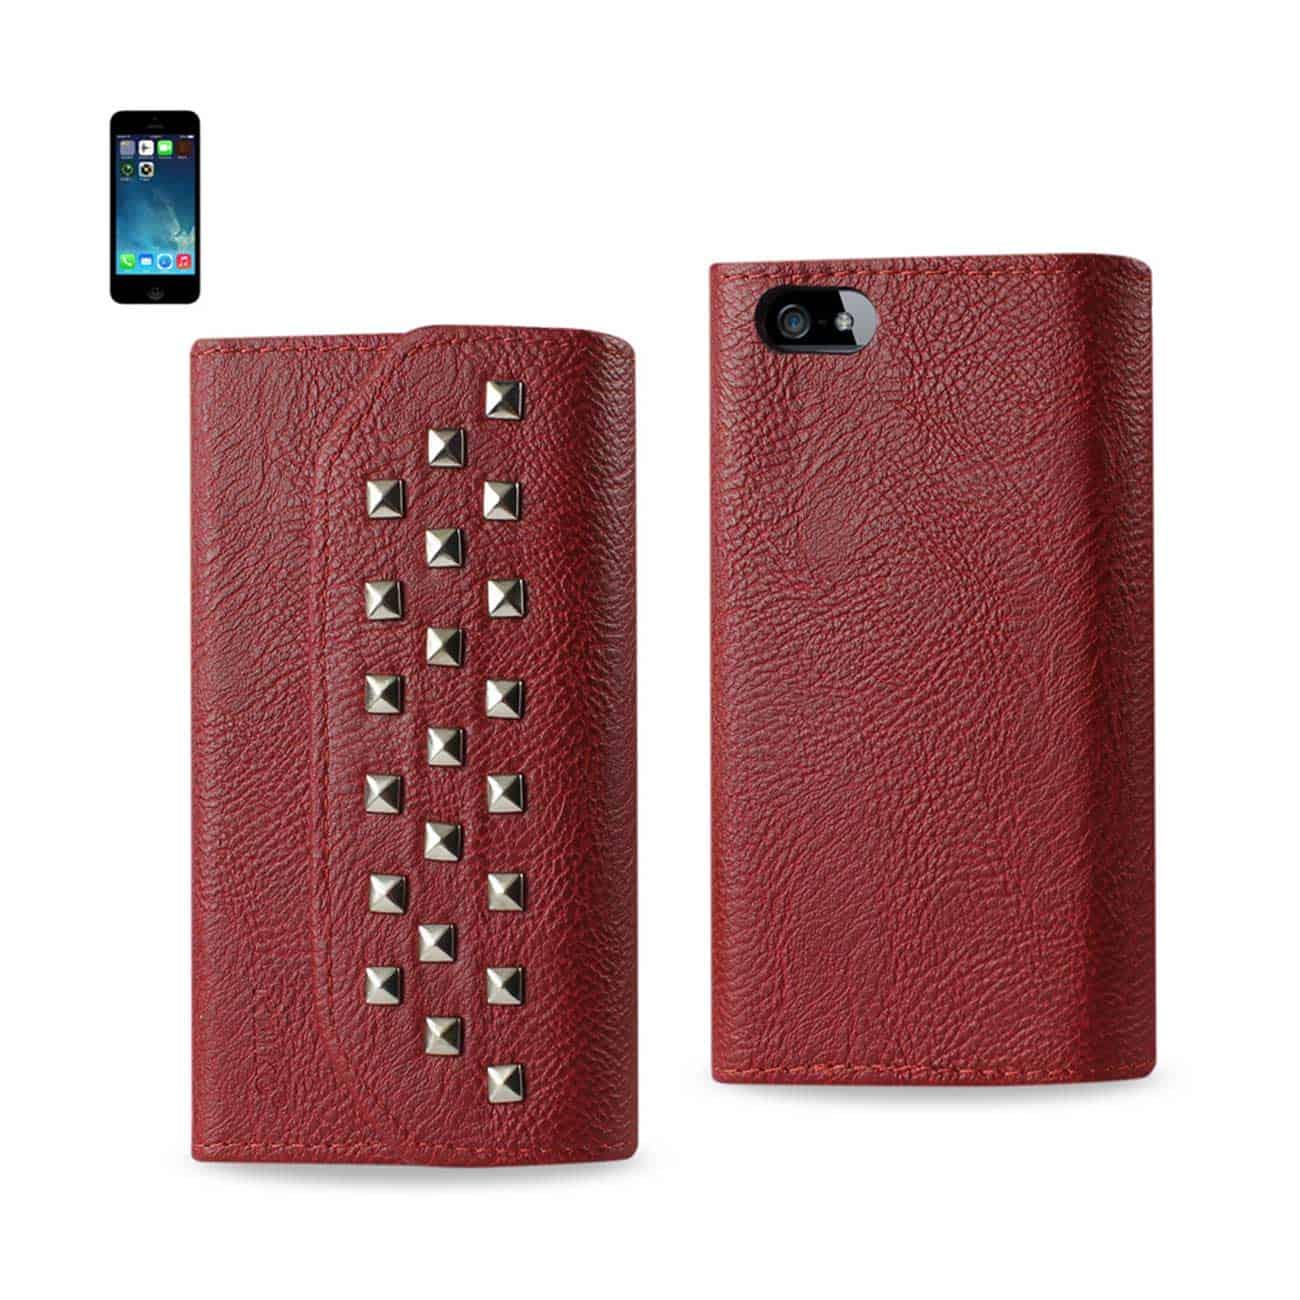 IPHONE SE/ 5S/ 5 STUDS WALLET CASE IN DARK RED